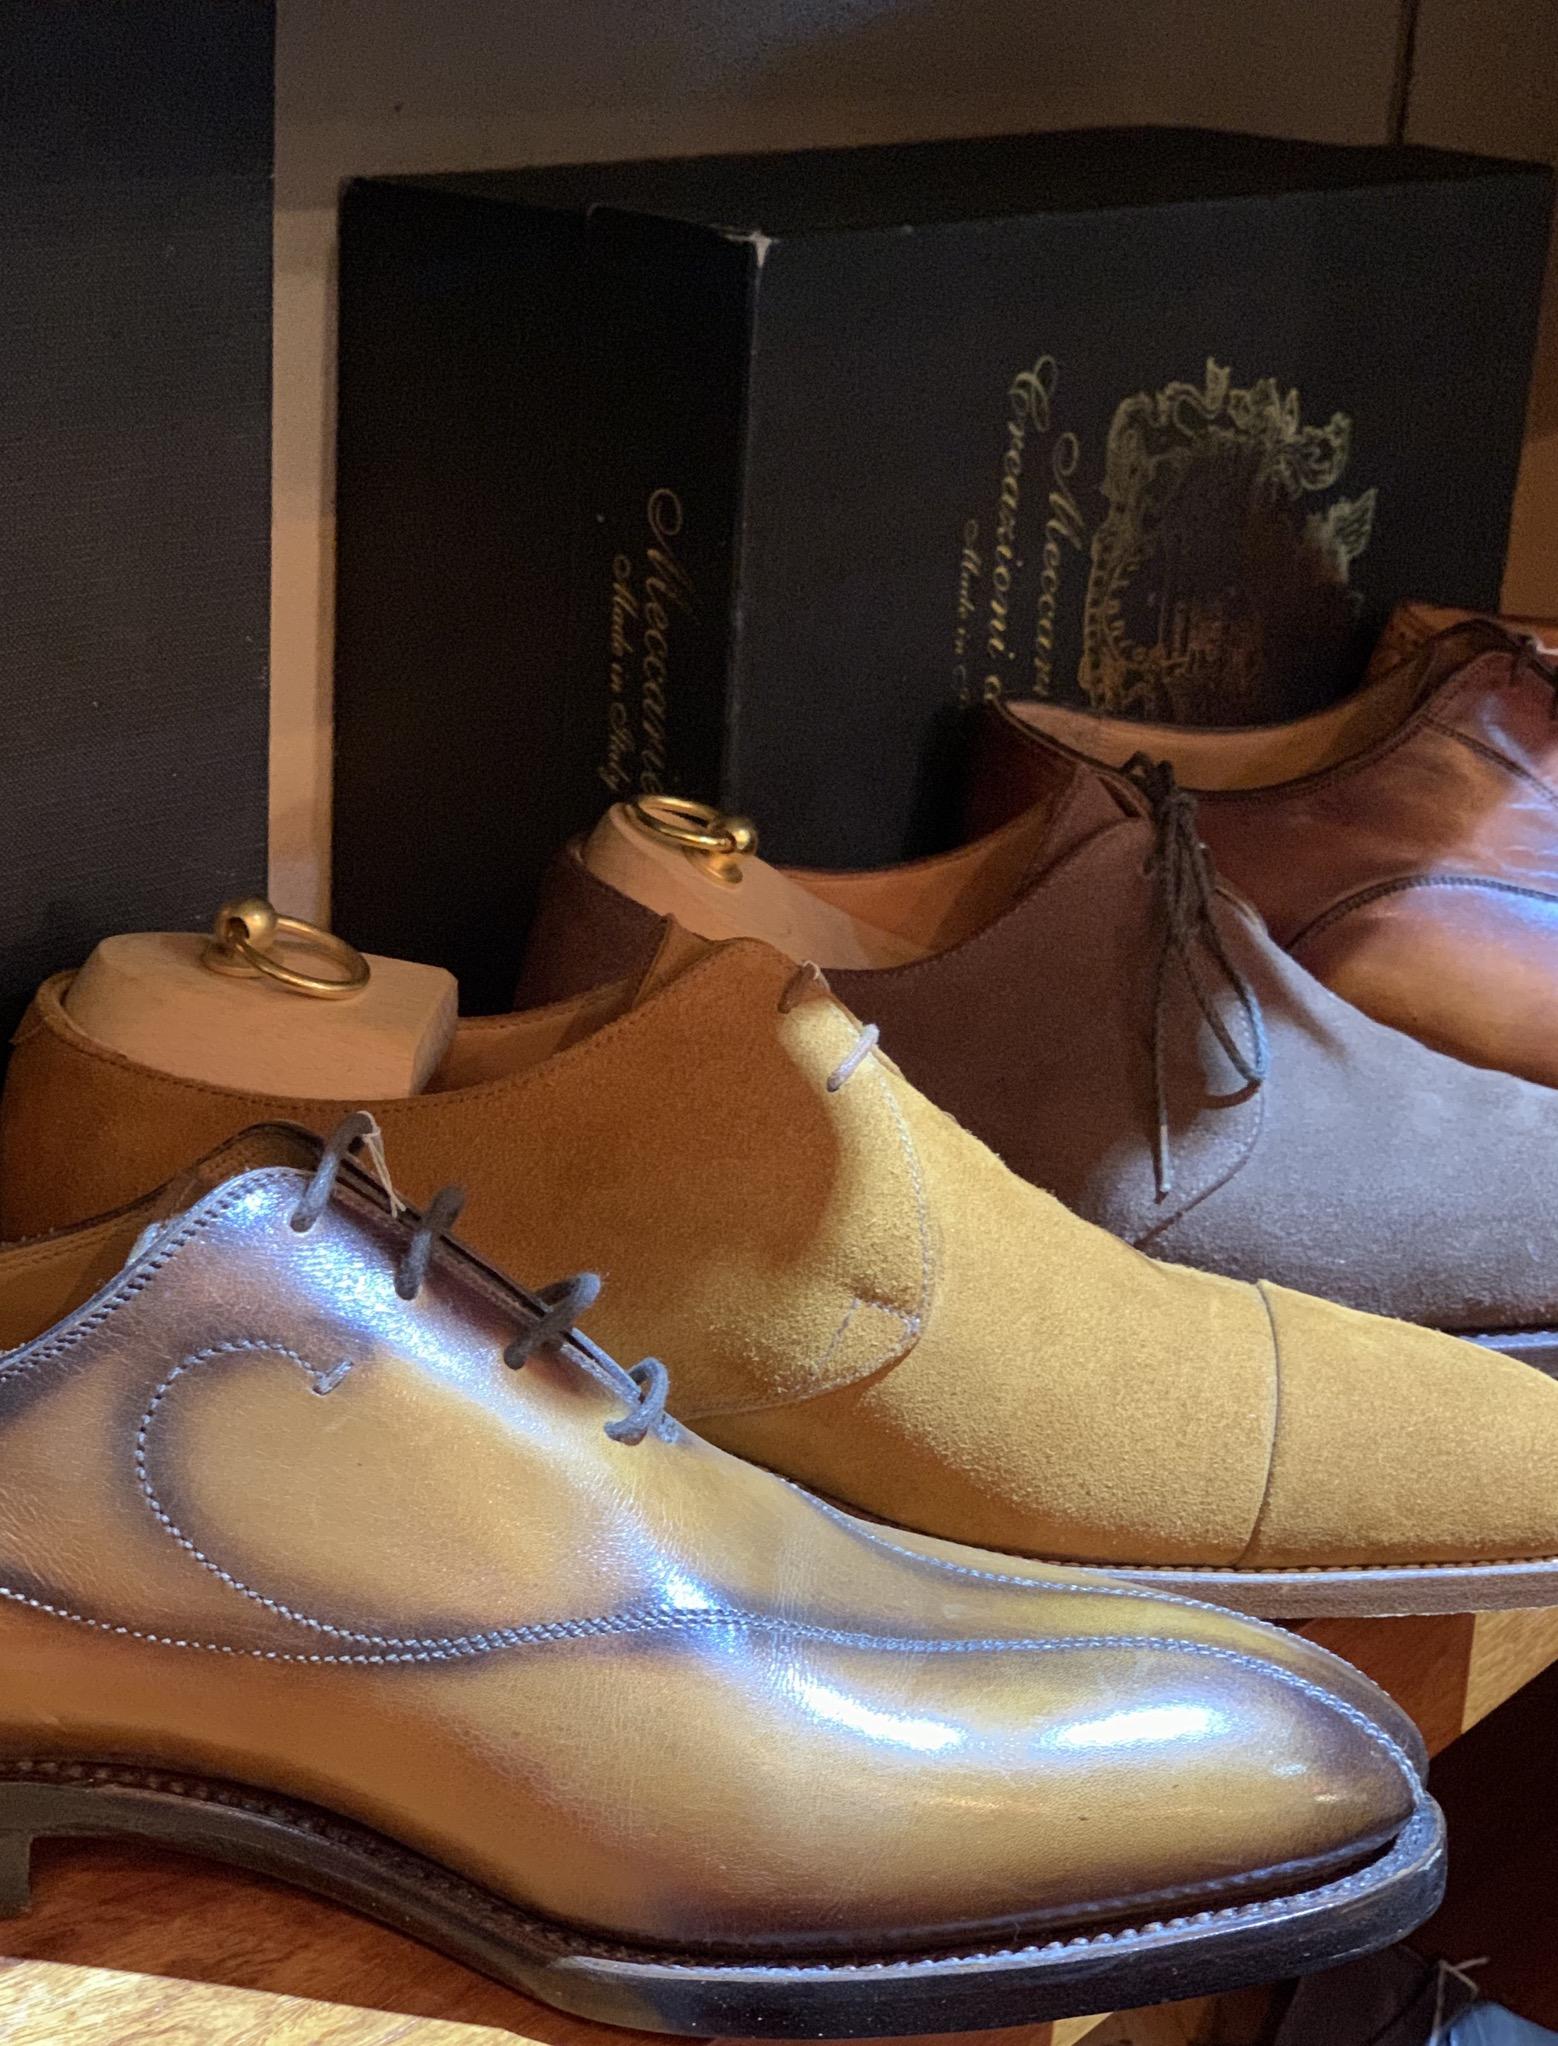 正統な紳士靴を嗜むvol.29〜ナポリの実力派靴職人メッカリエロ